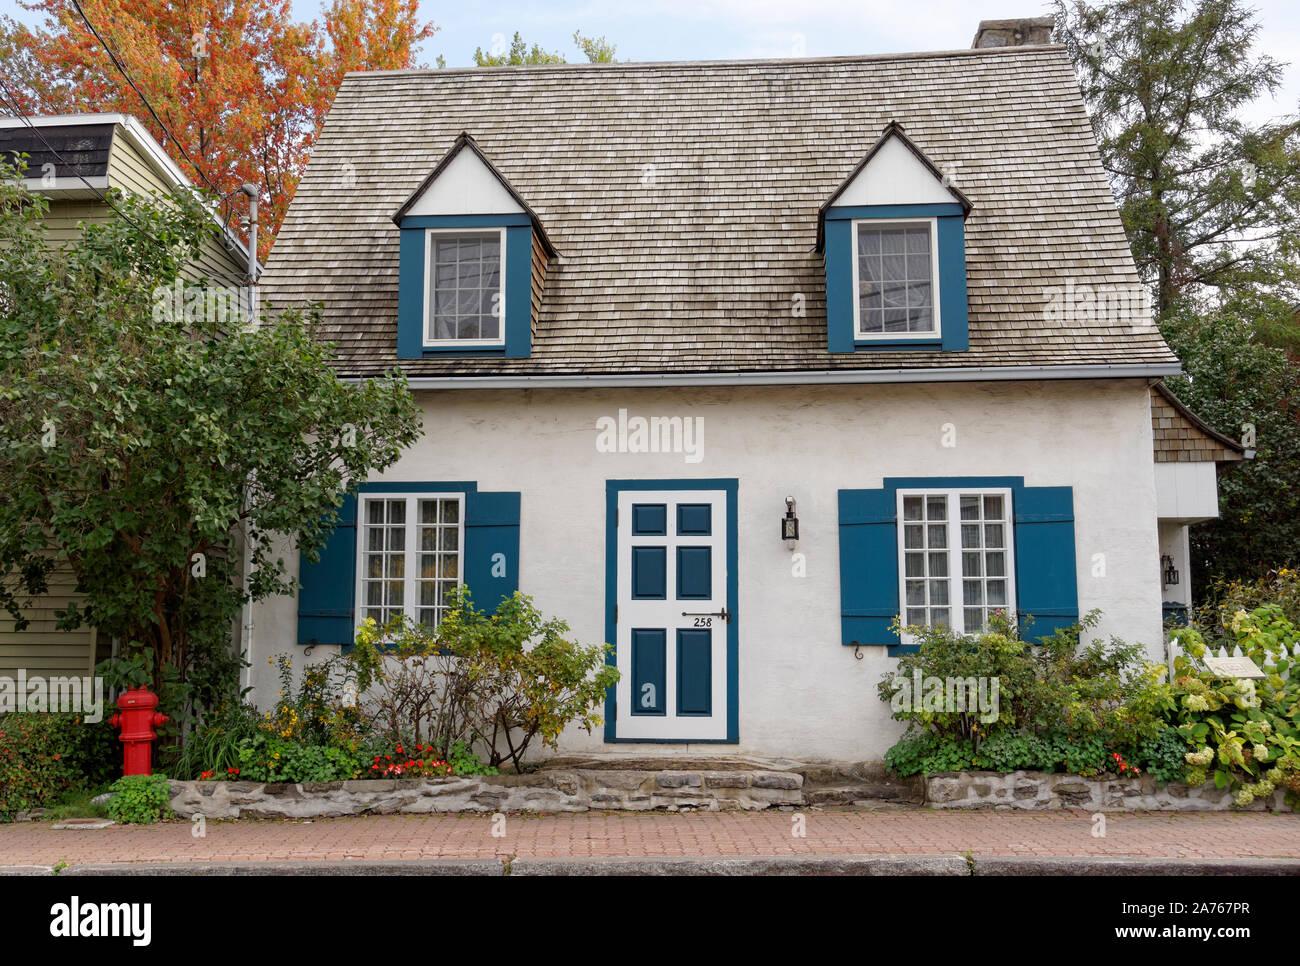 La Antoine Pilon, una casa restaurada del siglo XVIII (circa 1770) registro de estilo francés de Hacienda en Pointe Claire Village, Montreal, Quebec, Canadá Foto de stock